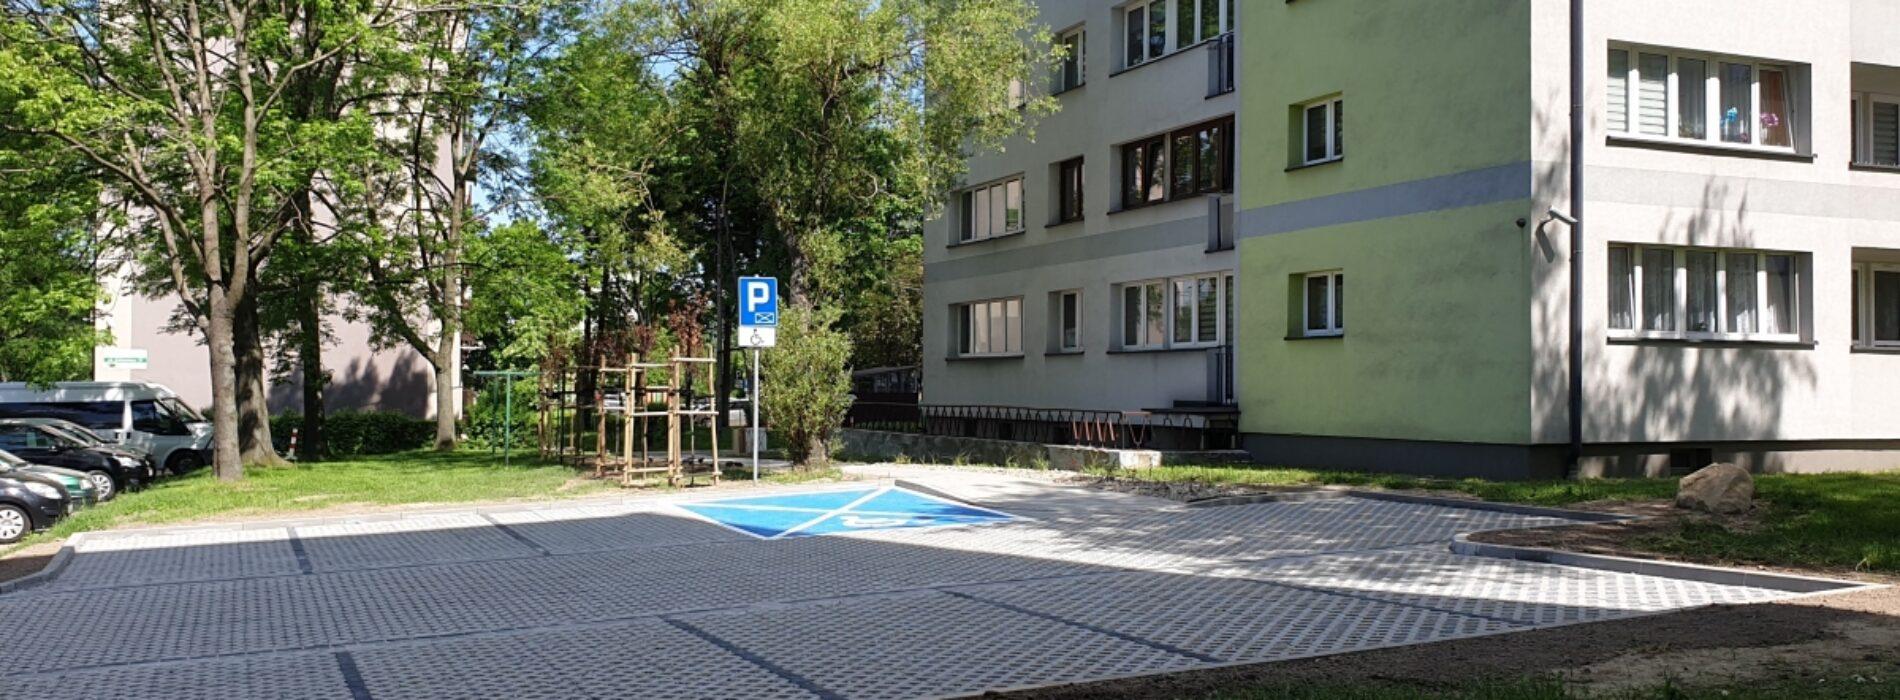 Nowy parking na osiedlu Kopernika